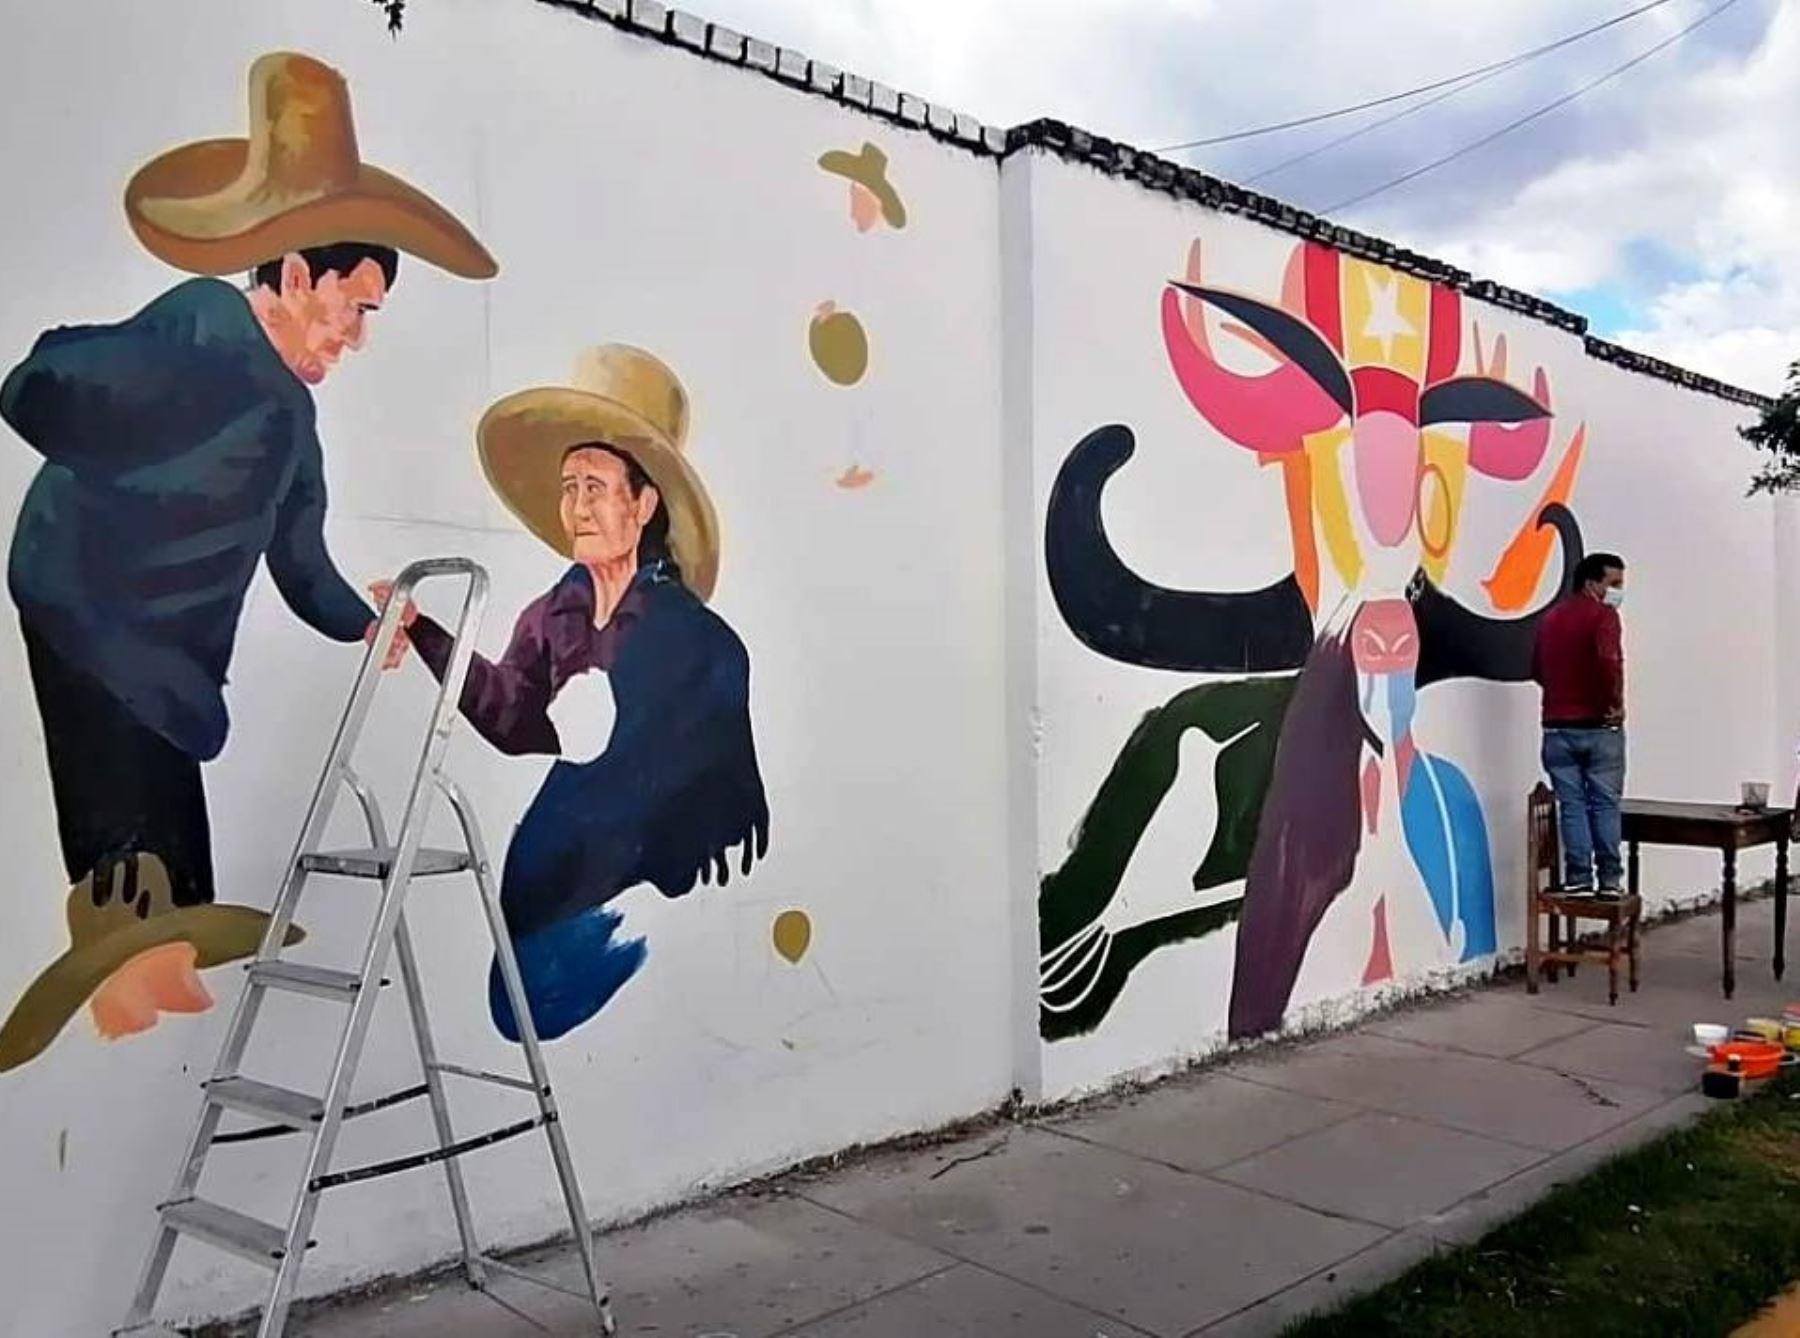 Artistas cajamarquinos pintan murales en hospital Simón Bolívar como parte de las actividades para conmemorar el Bicentenario de la Independencia. Foto: Eduard Lozano